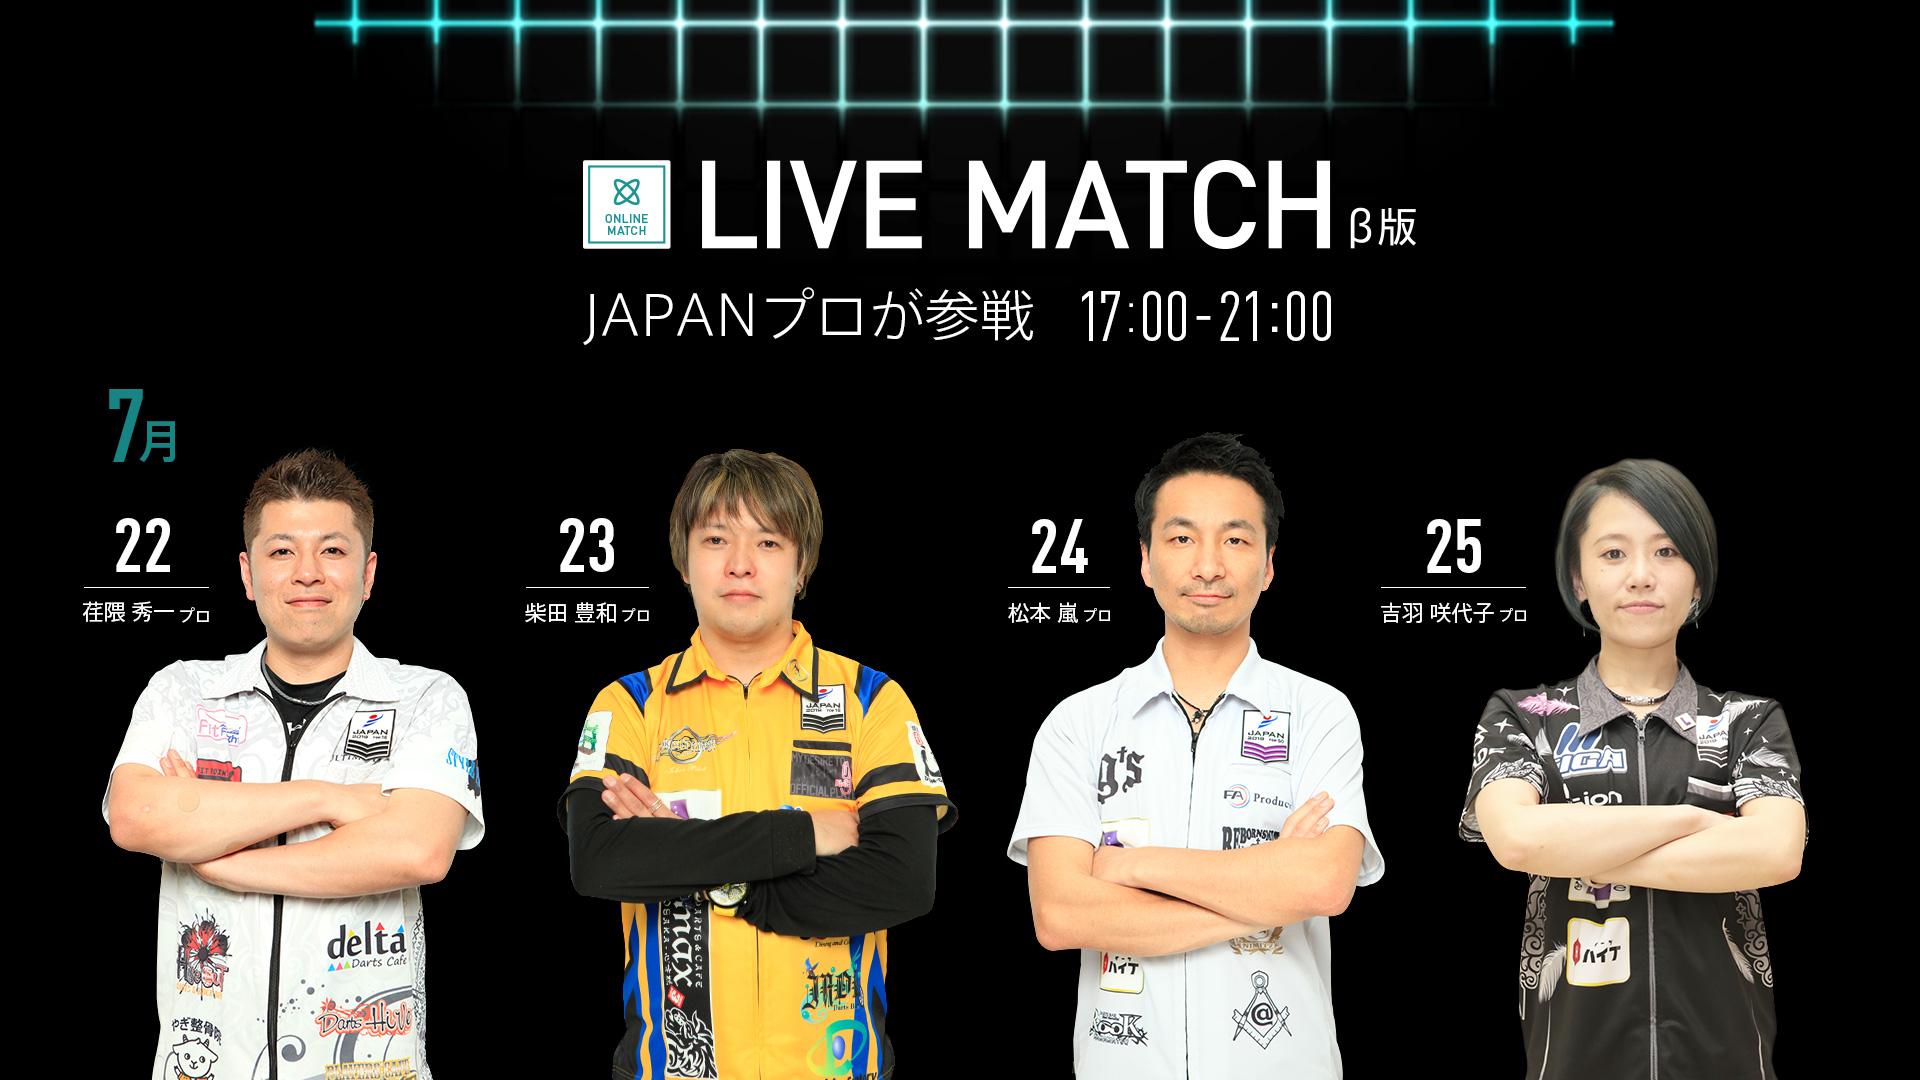 【DARTSLIVE3】7月22日(月)、LIVE MATCHが進化!JAPANプロも参戦決定。